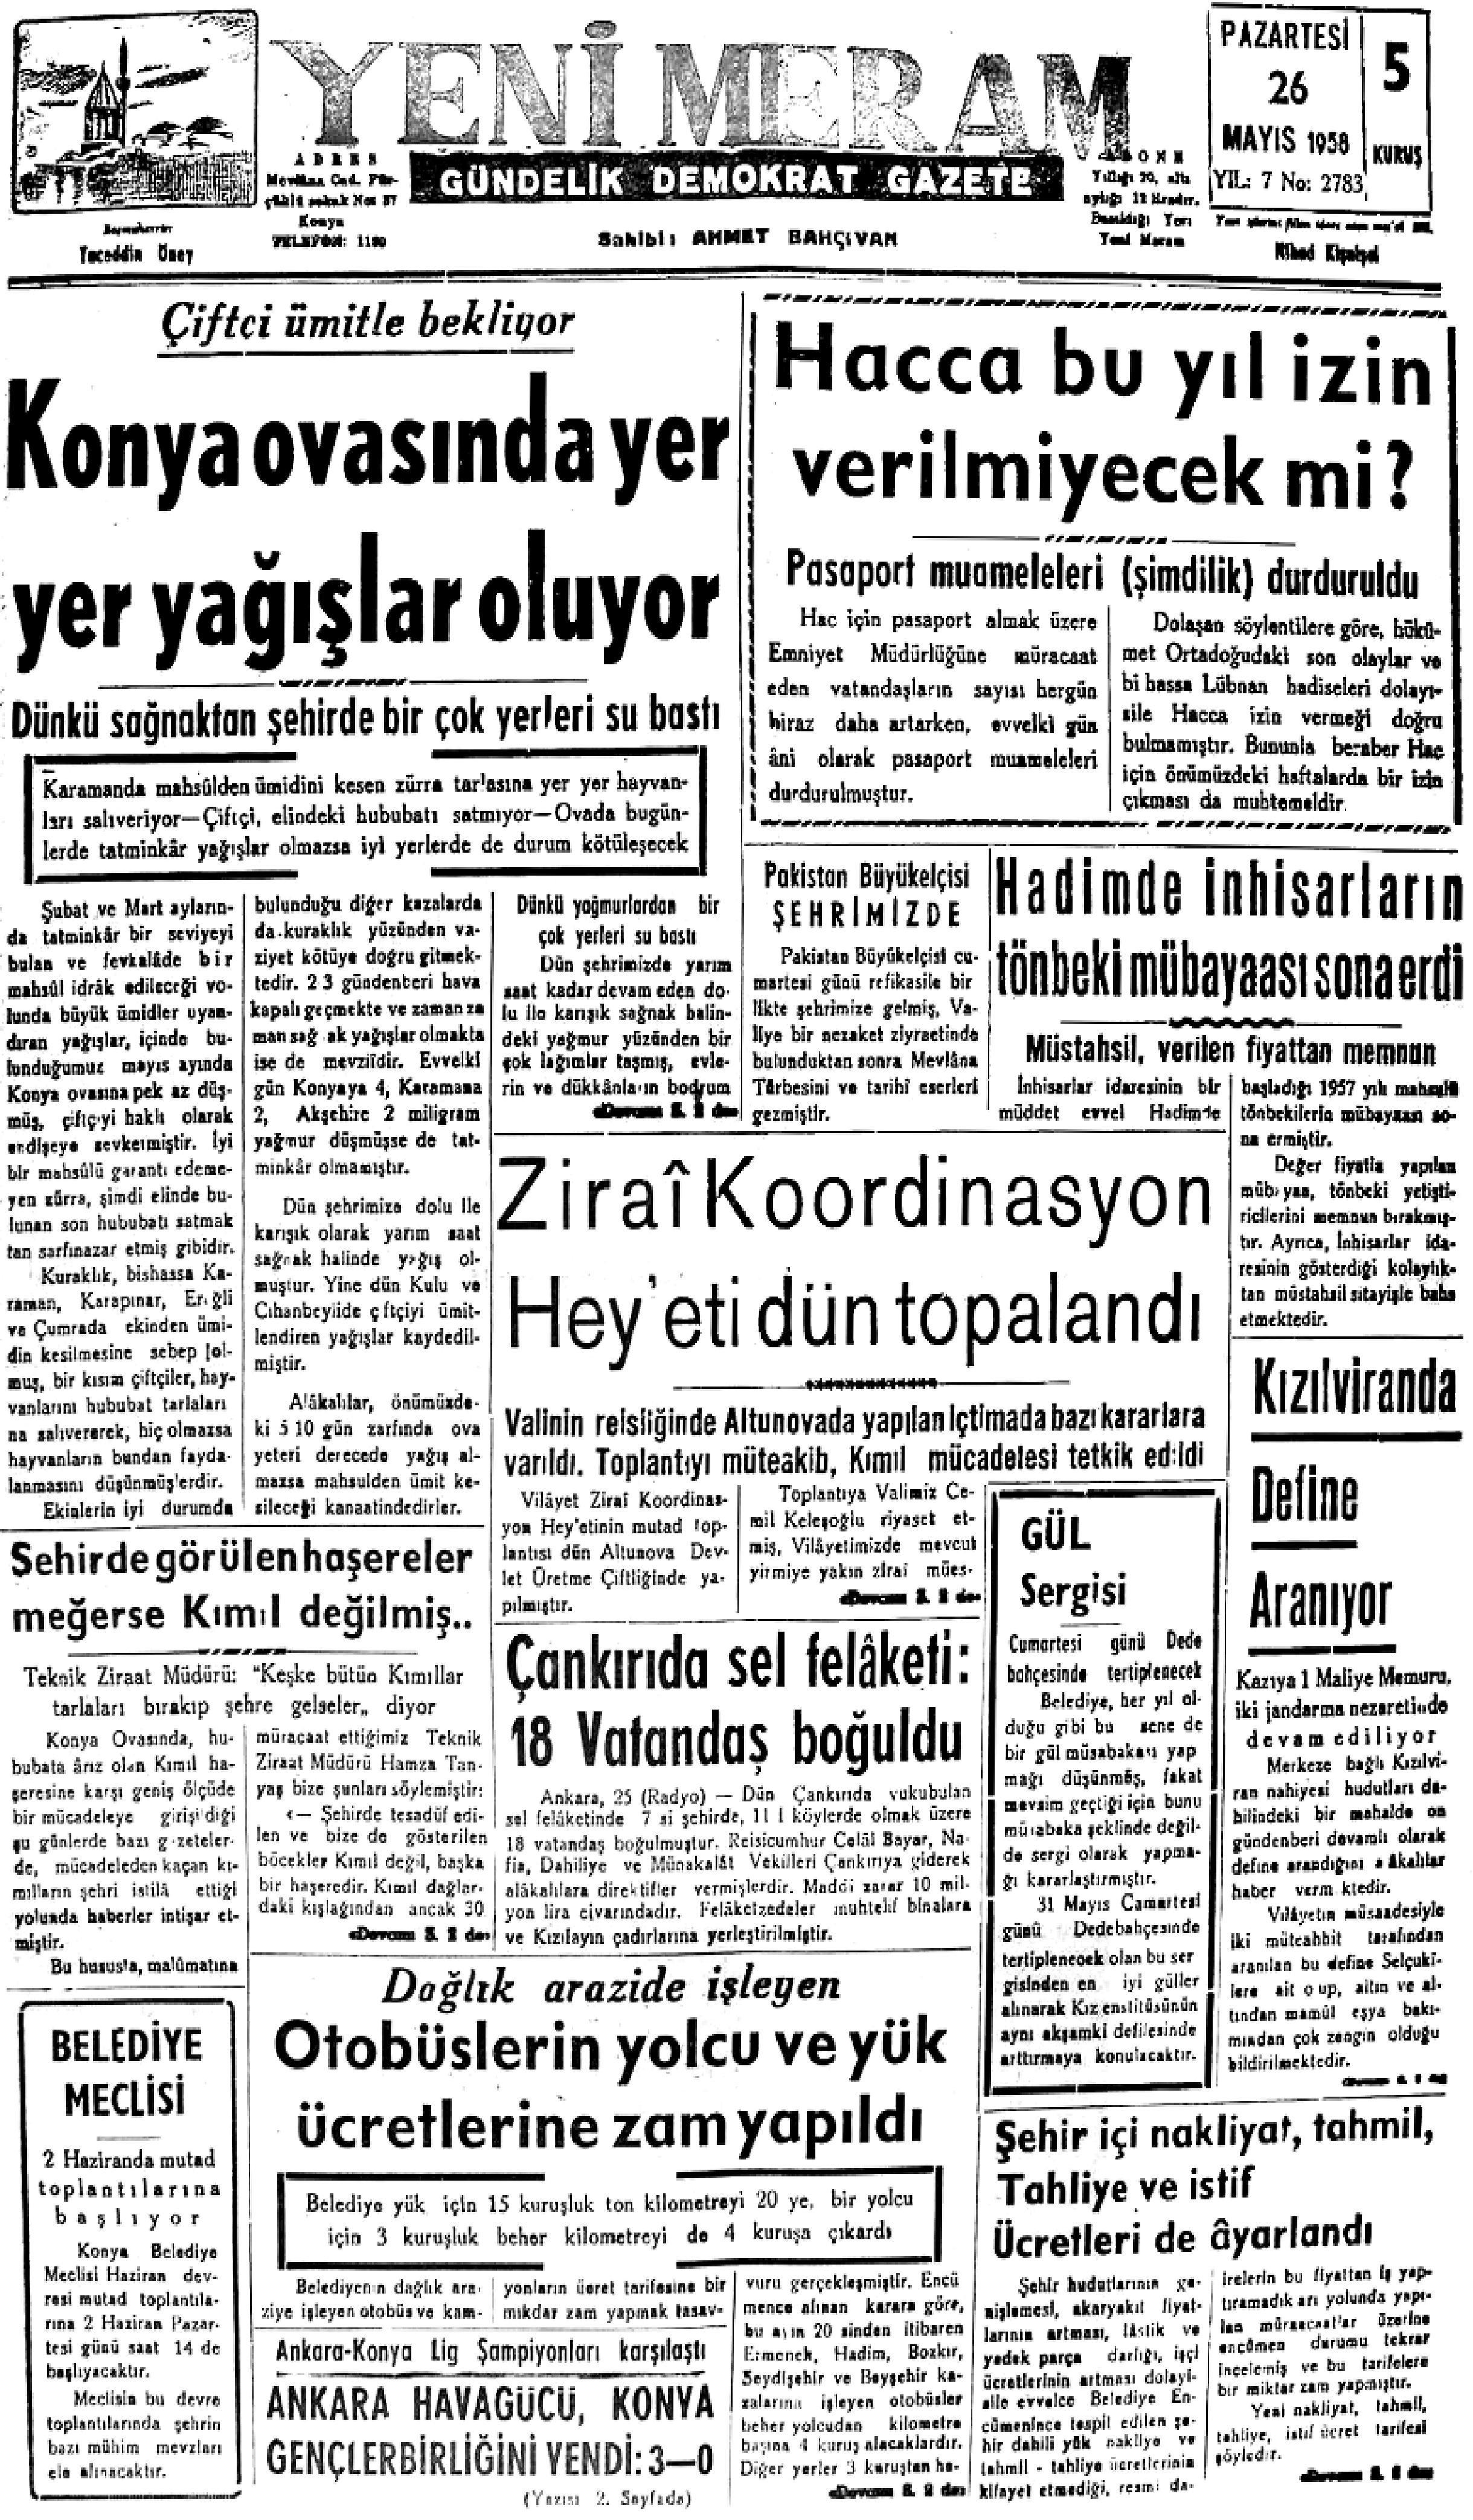 26 Mayıs 2021 Yeni Meram Gazetesi